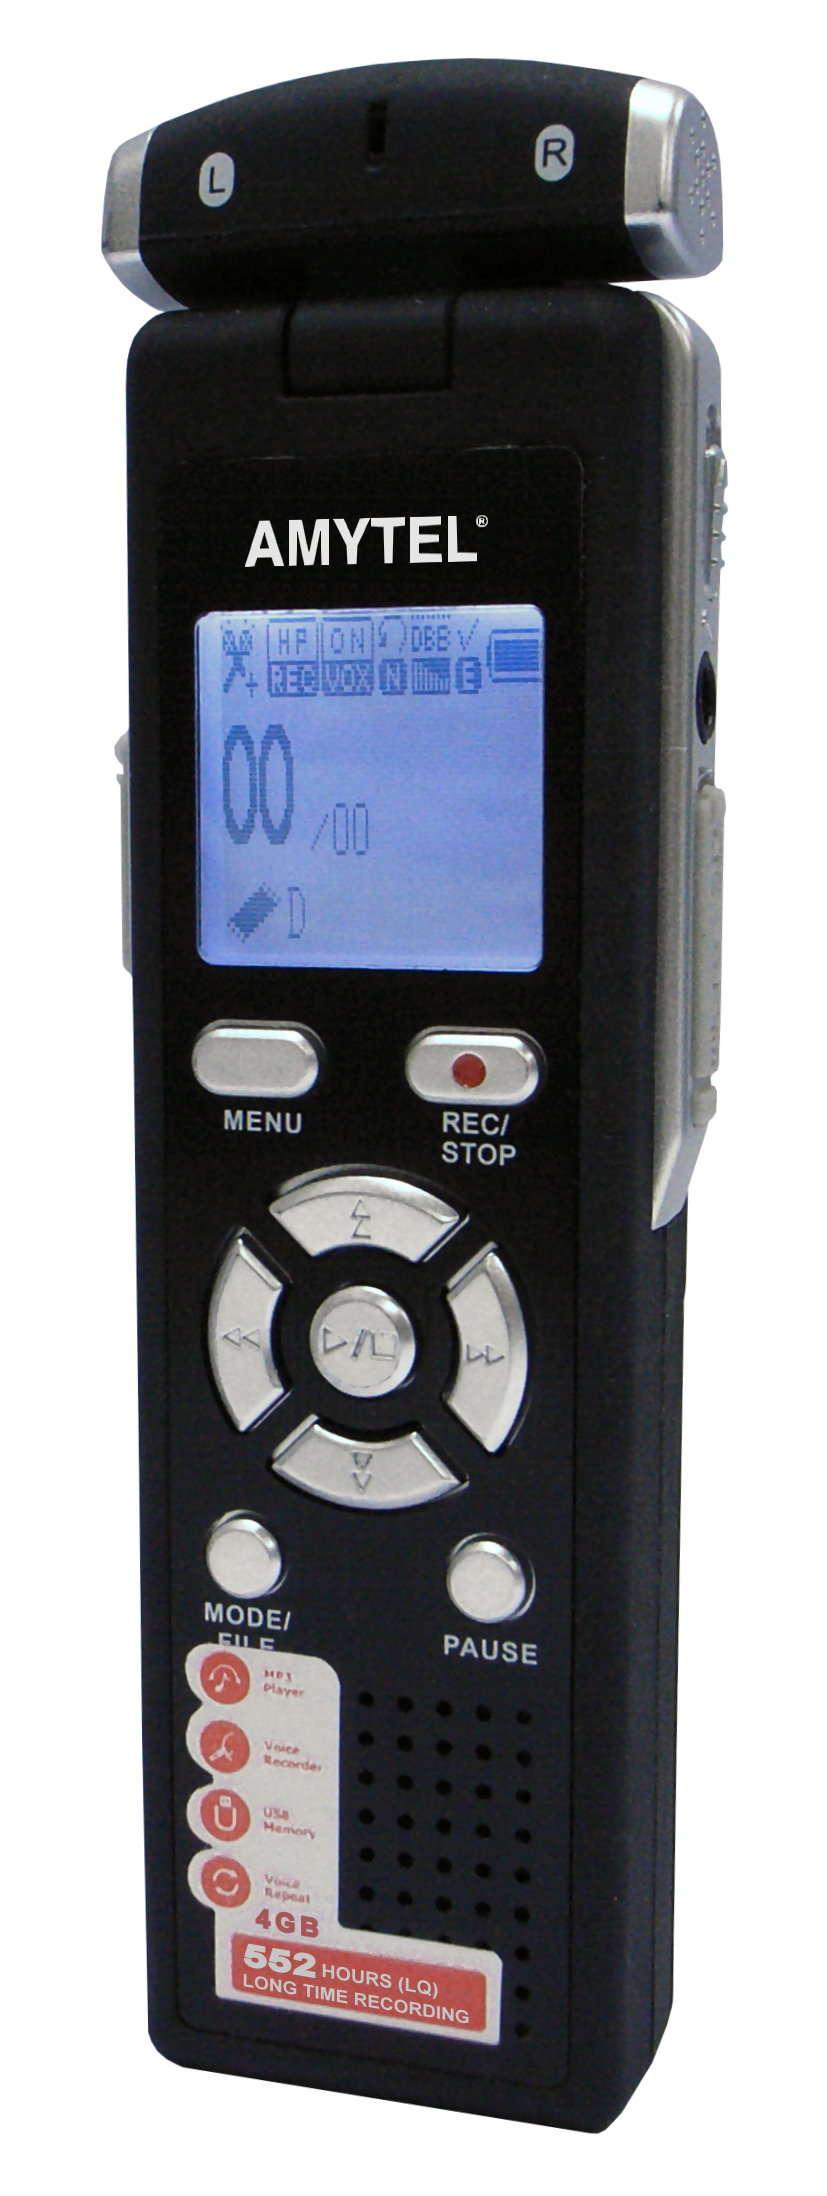 Memo703 Plus Digital Voice Recorder